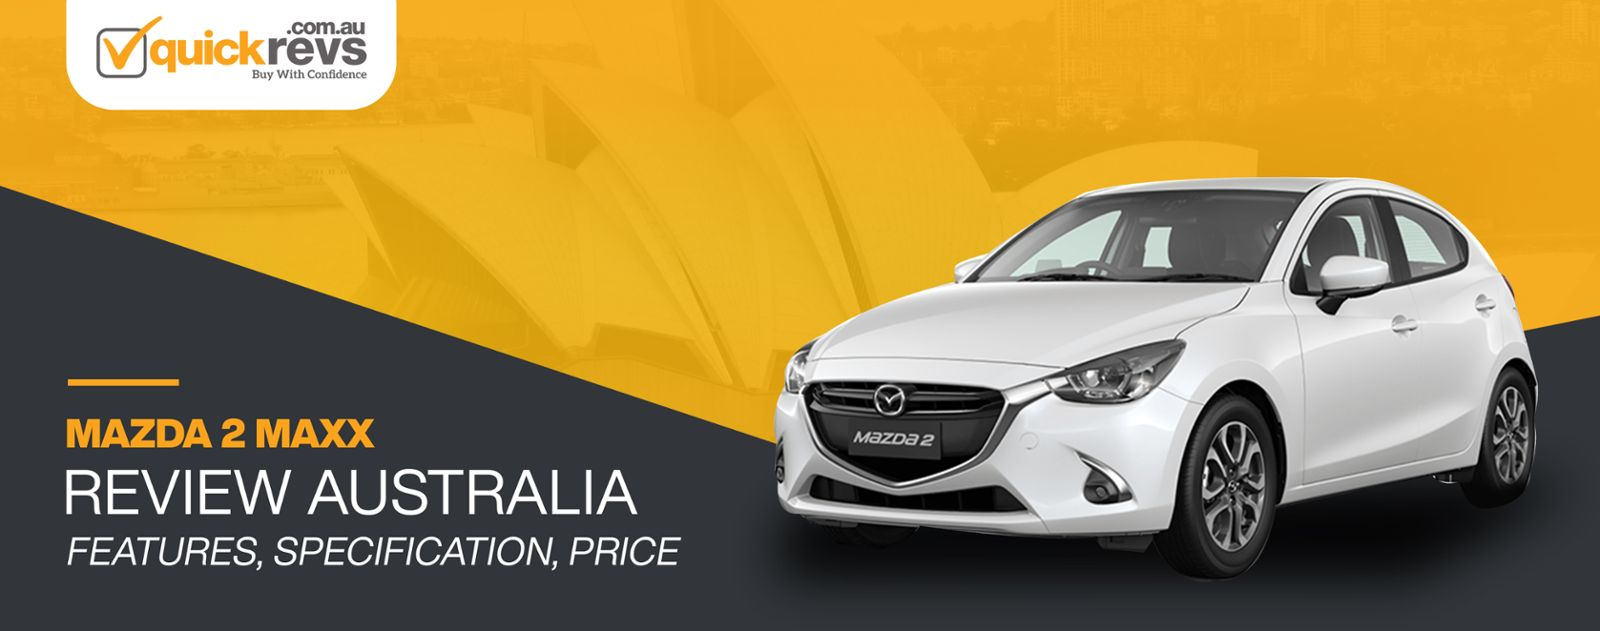 Mazda 2 Maxx Review Australia